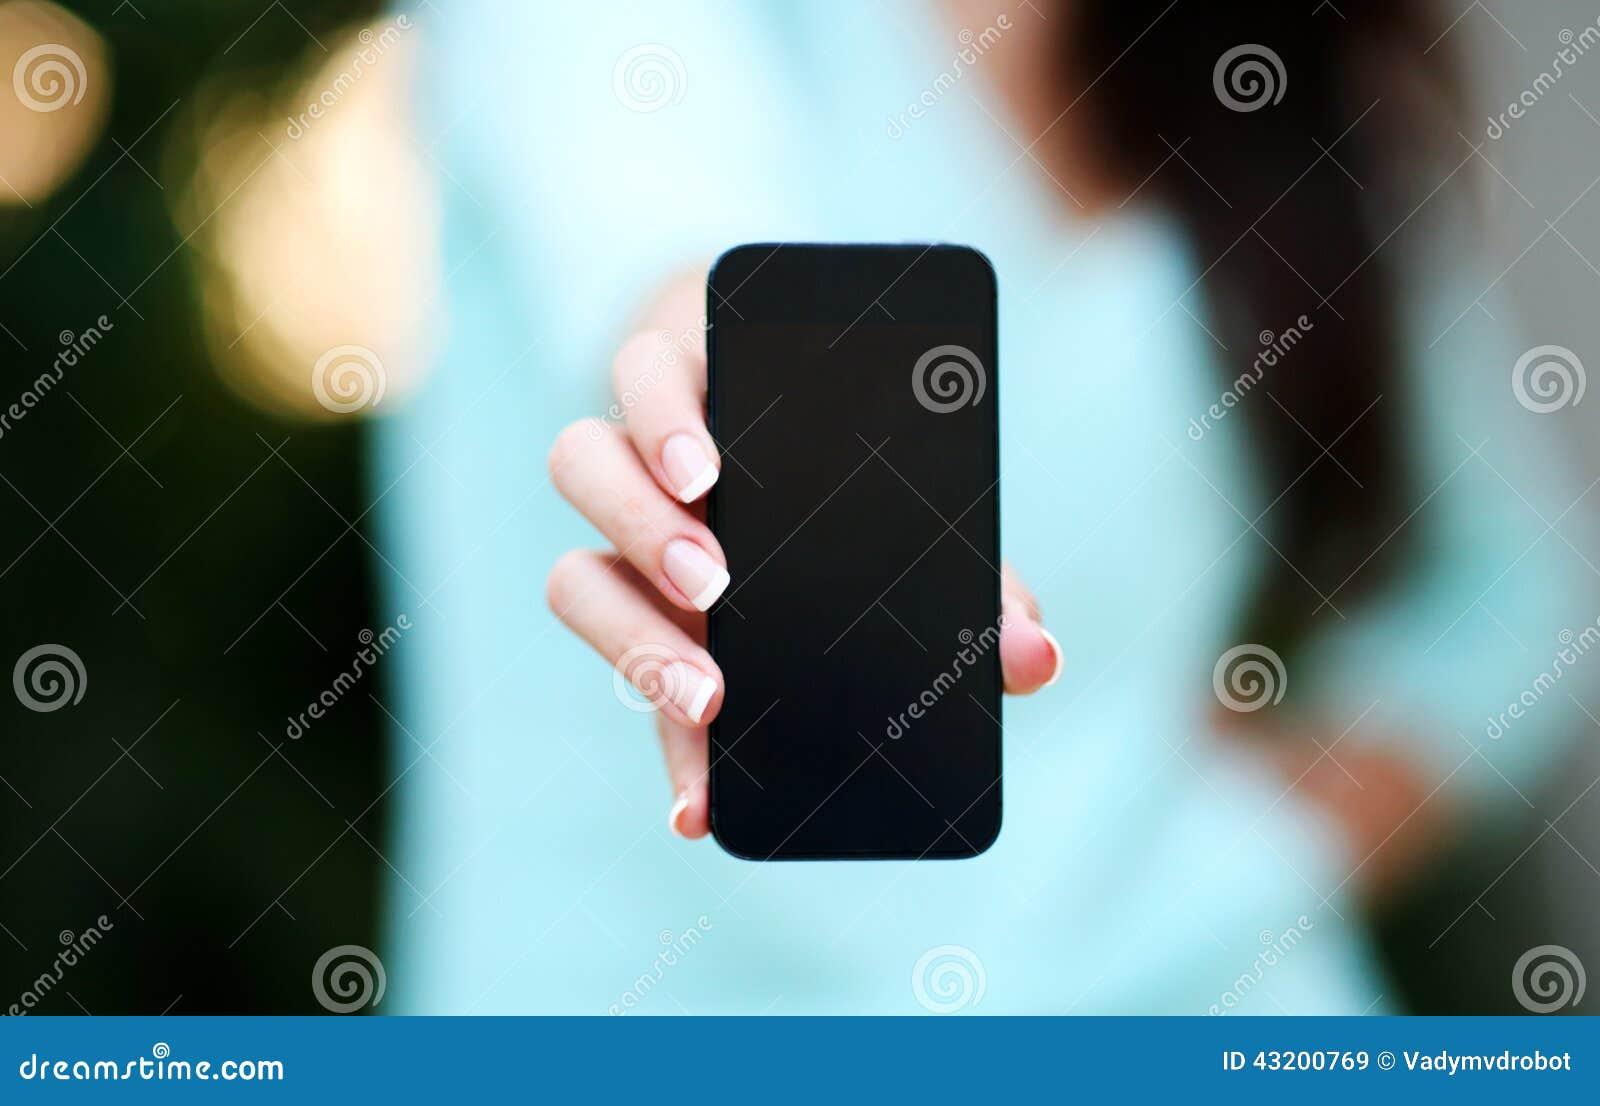 Download Kvinnligt Räcka Hållande Smartphone Fotografering för Bildbyråer - Bild av hand, closeup: 43200769